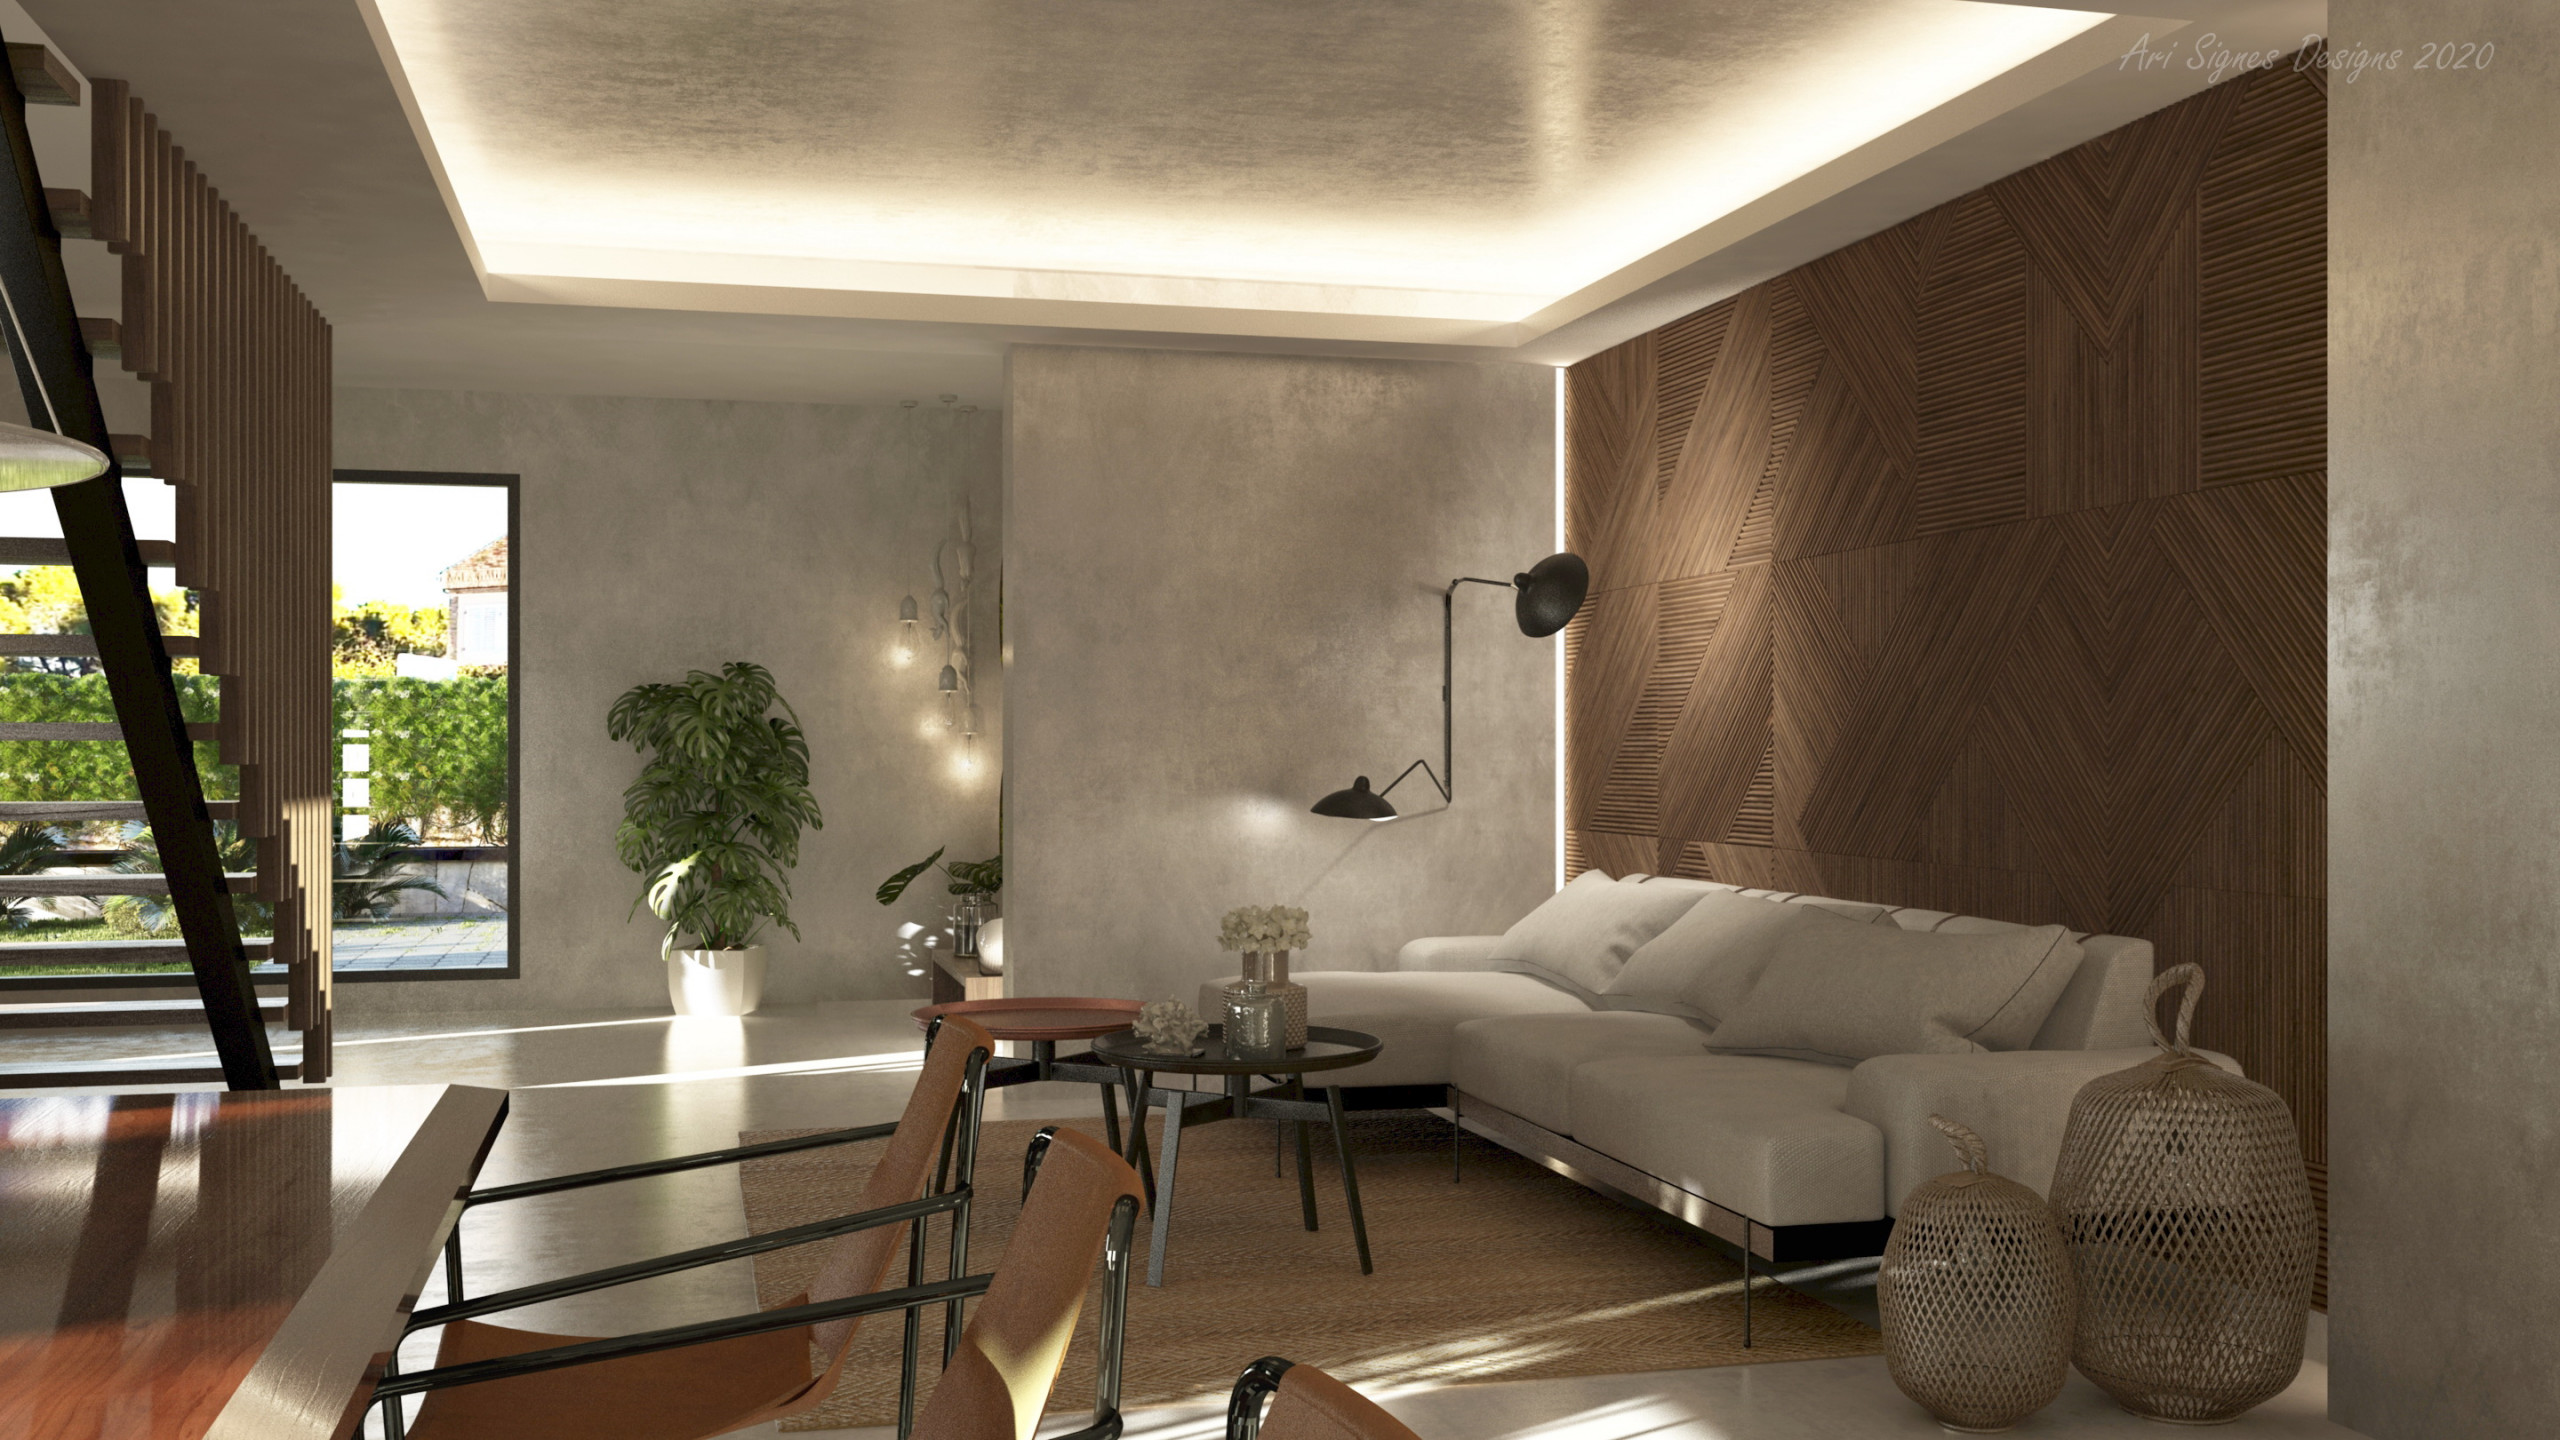 Diseño de interiores(en curso )-  Reforma Integral